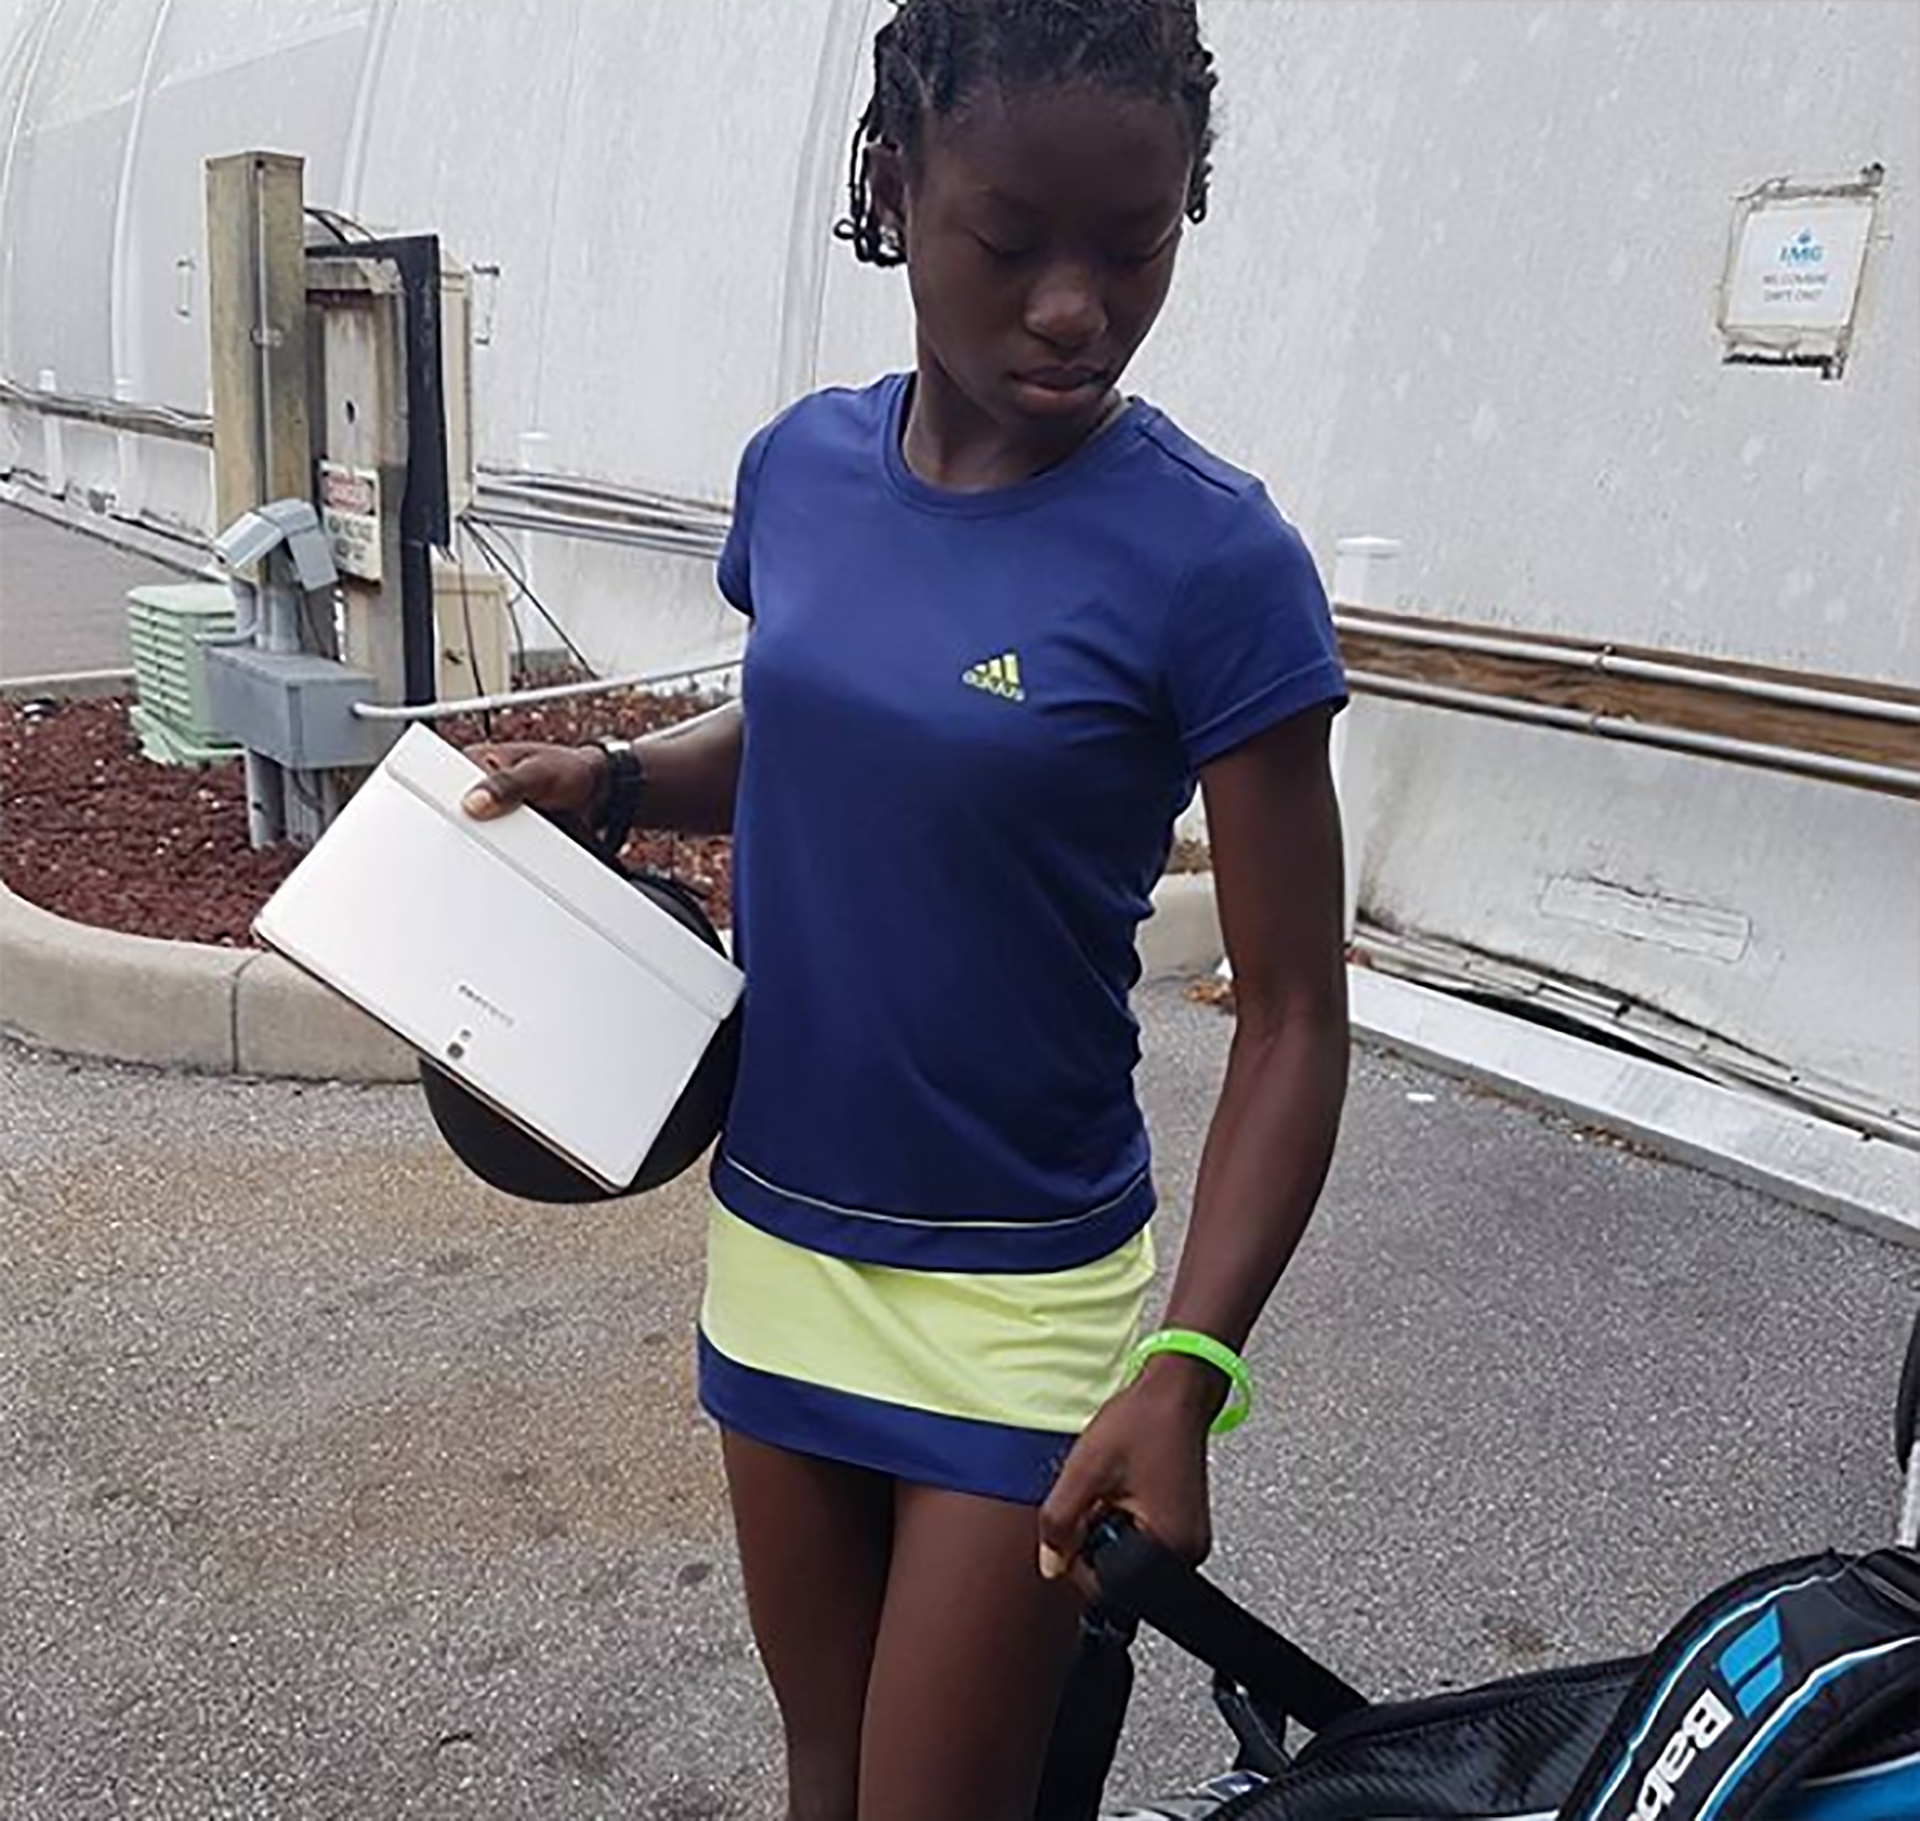 Con 13 años podría convertirse en una de las mejores tenistas del país